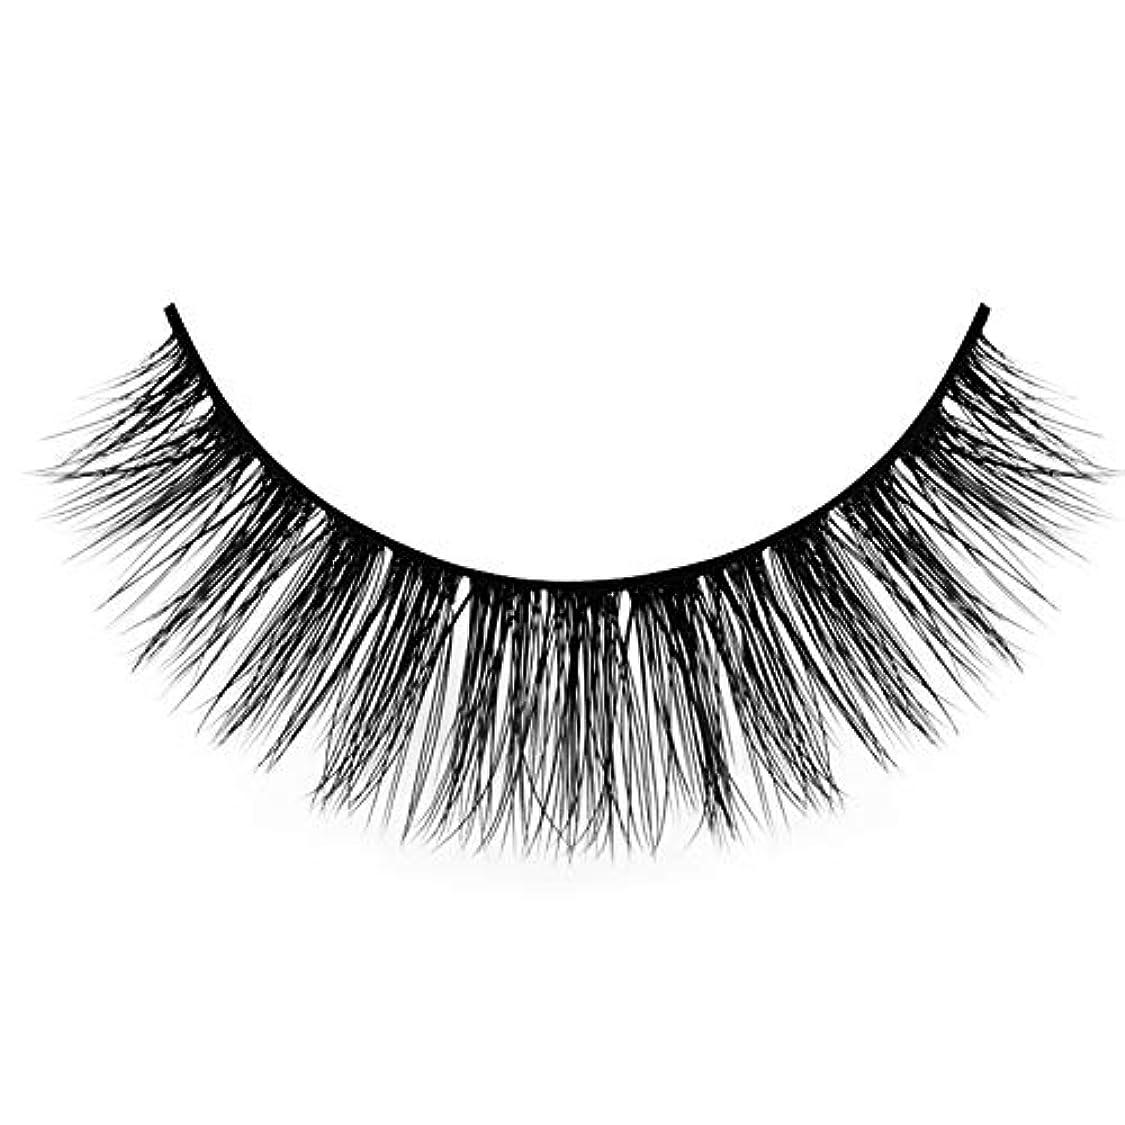 ほんの良さ時折Alchgo つけまつげ ミンクつけまつ毛 3ペア グラマラスボリュームアイラッシュ ふんわりロングまつ毛 極薄 濃密 超軽量 高級繊維 自然 人気 つけまつ毛 3D 大きい目